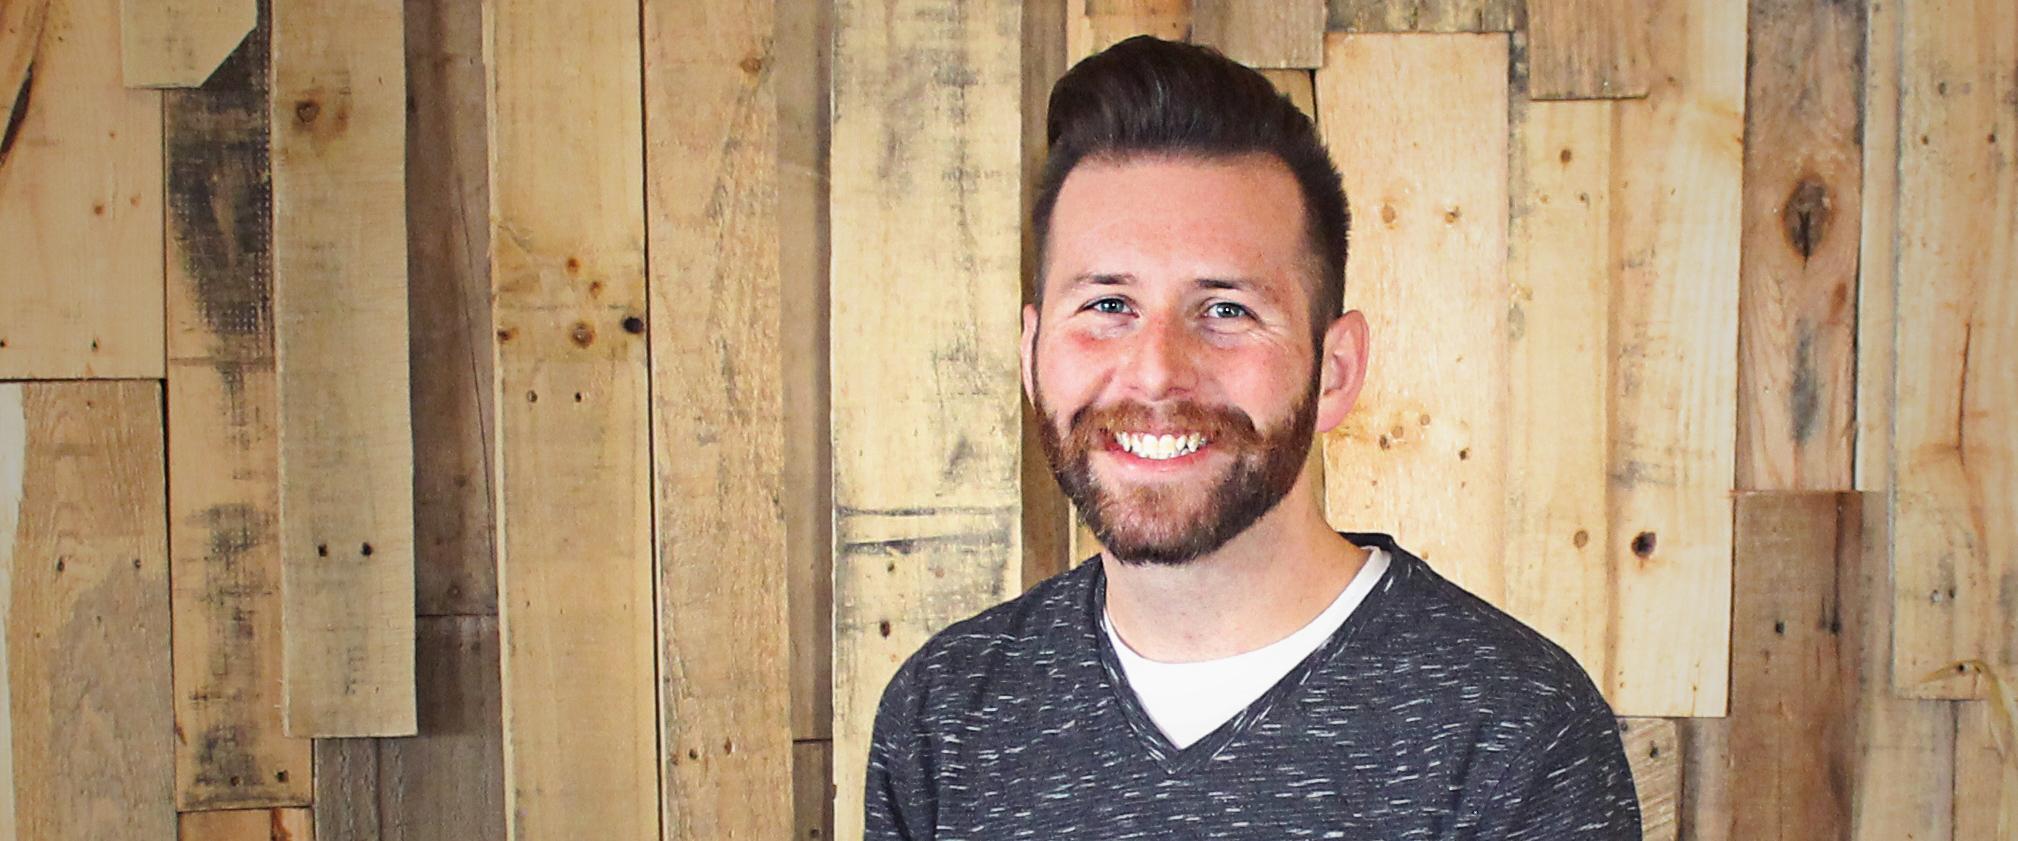 Brandon Headshot 2-4x1 crop.jpg